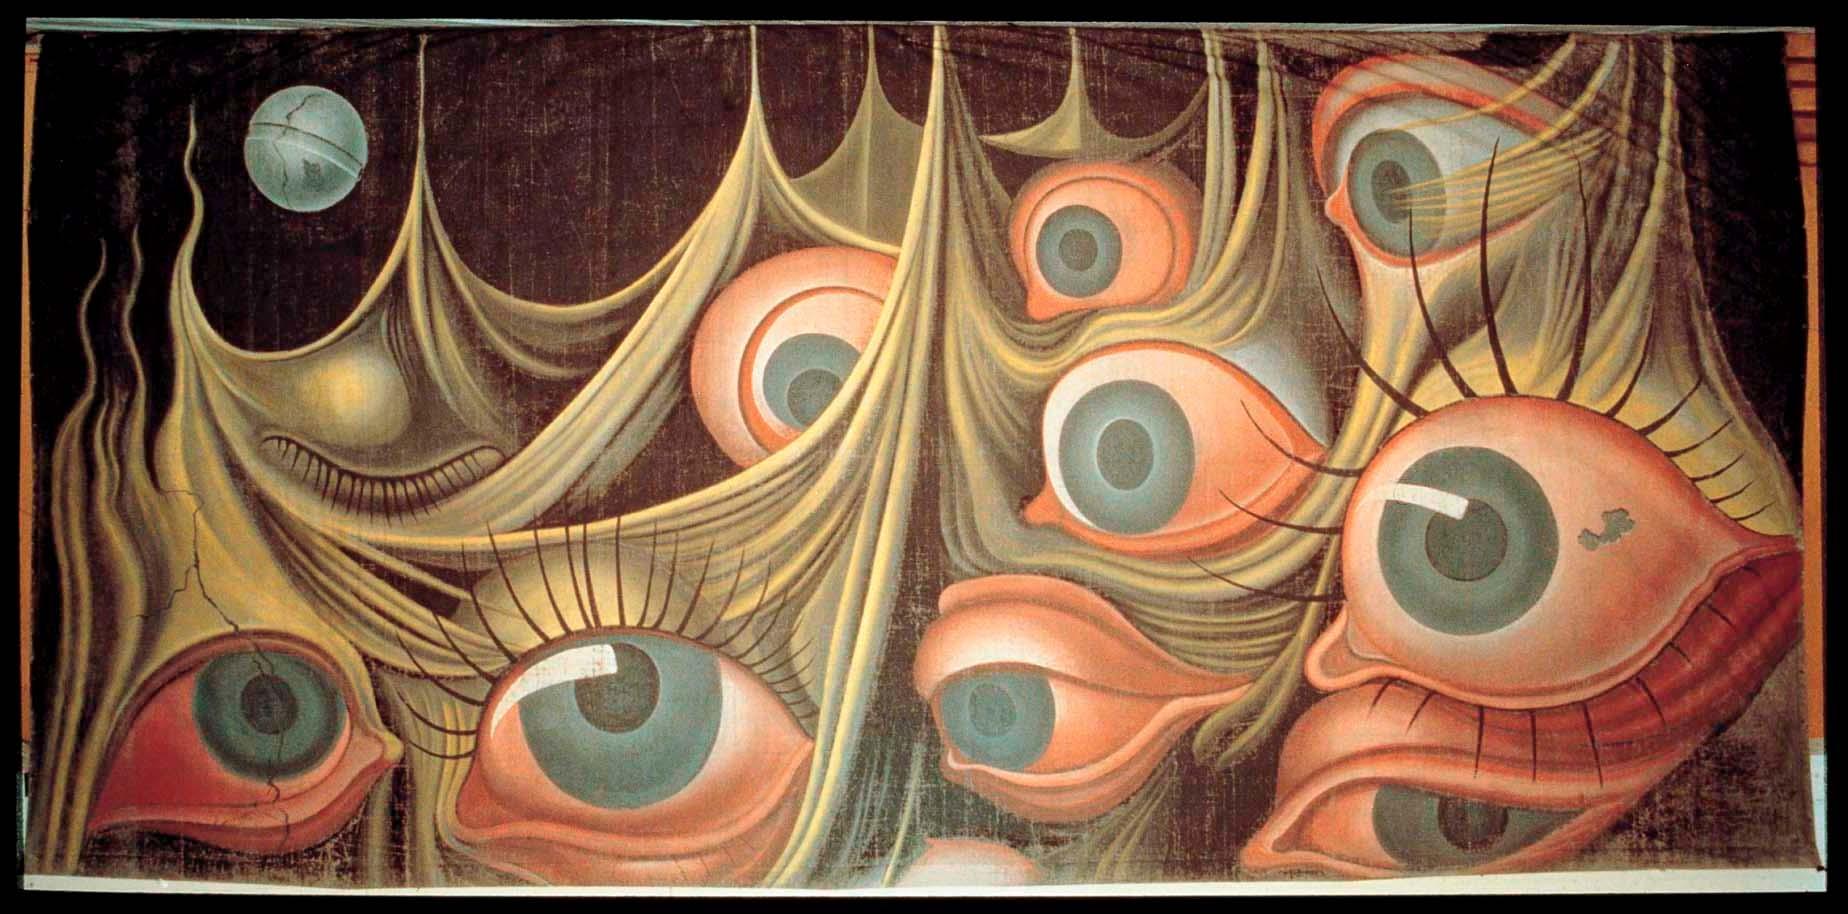 Pintura de ojos surrealistas entre cortinas.